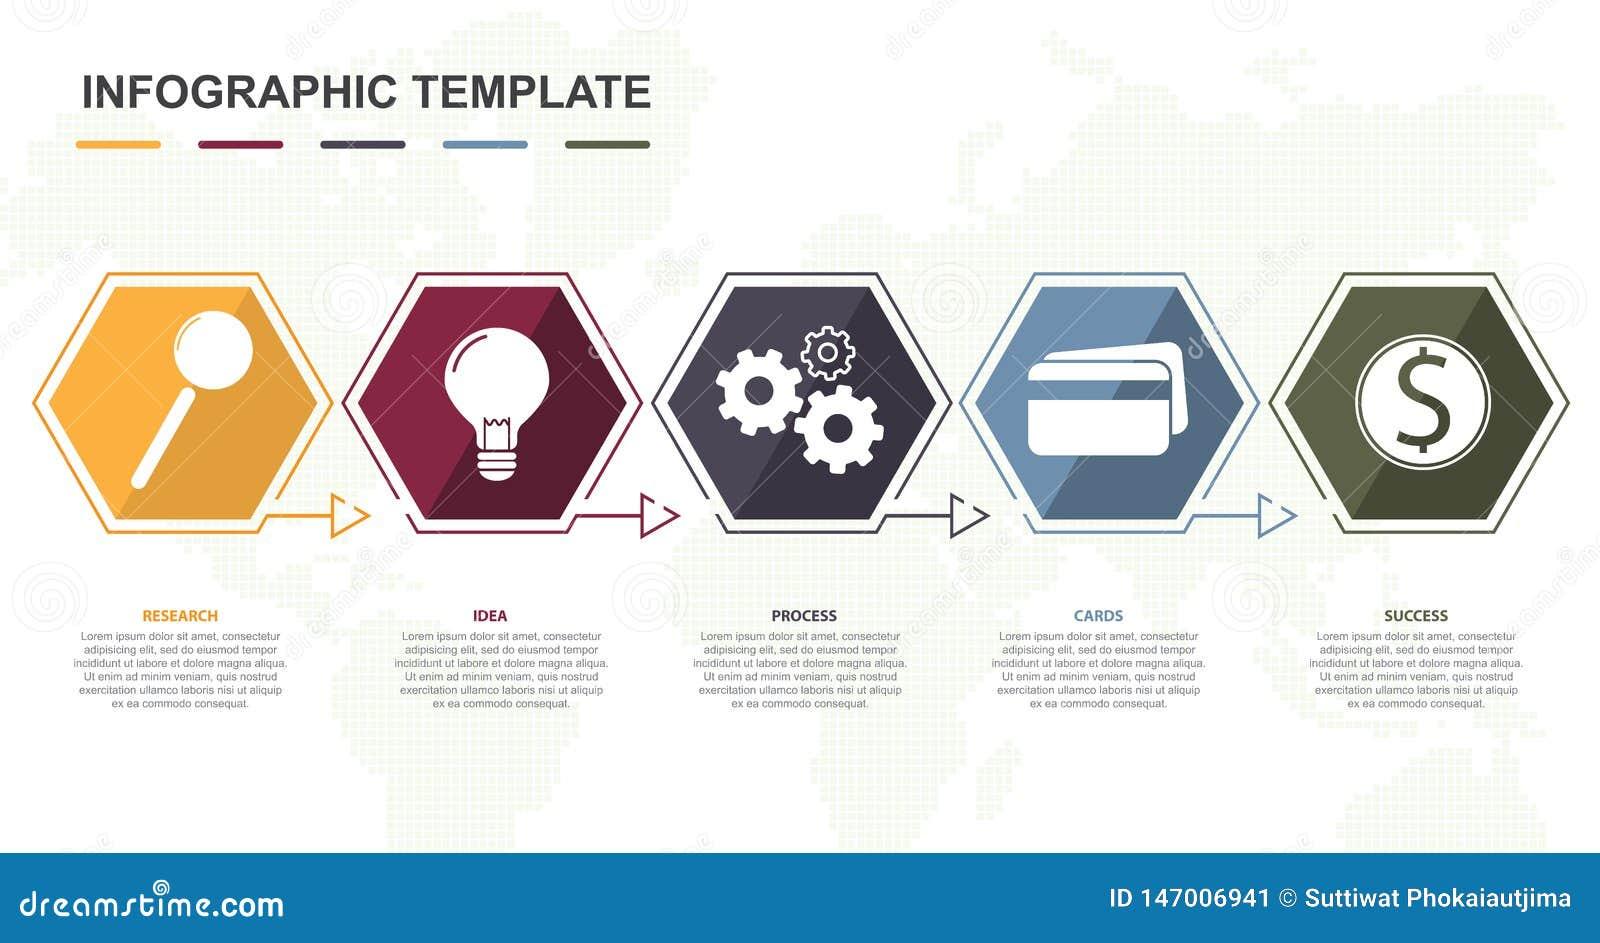 Molde infographic colorido com 5 títulos, diagrama com etapas